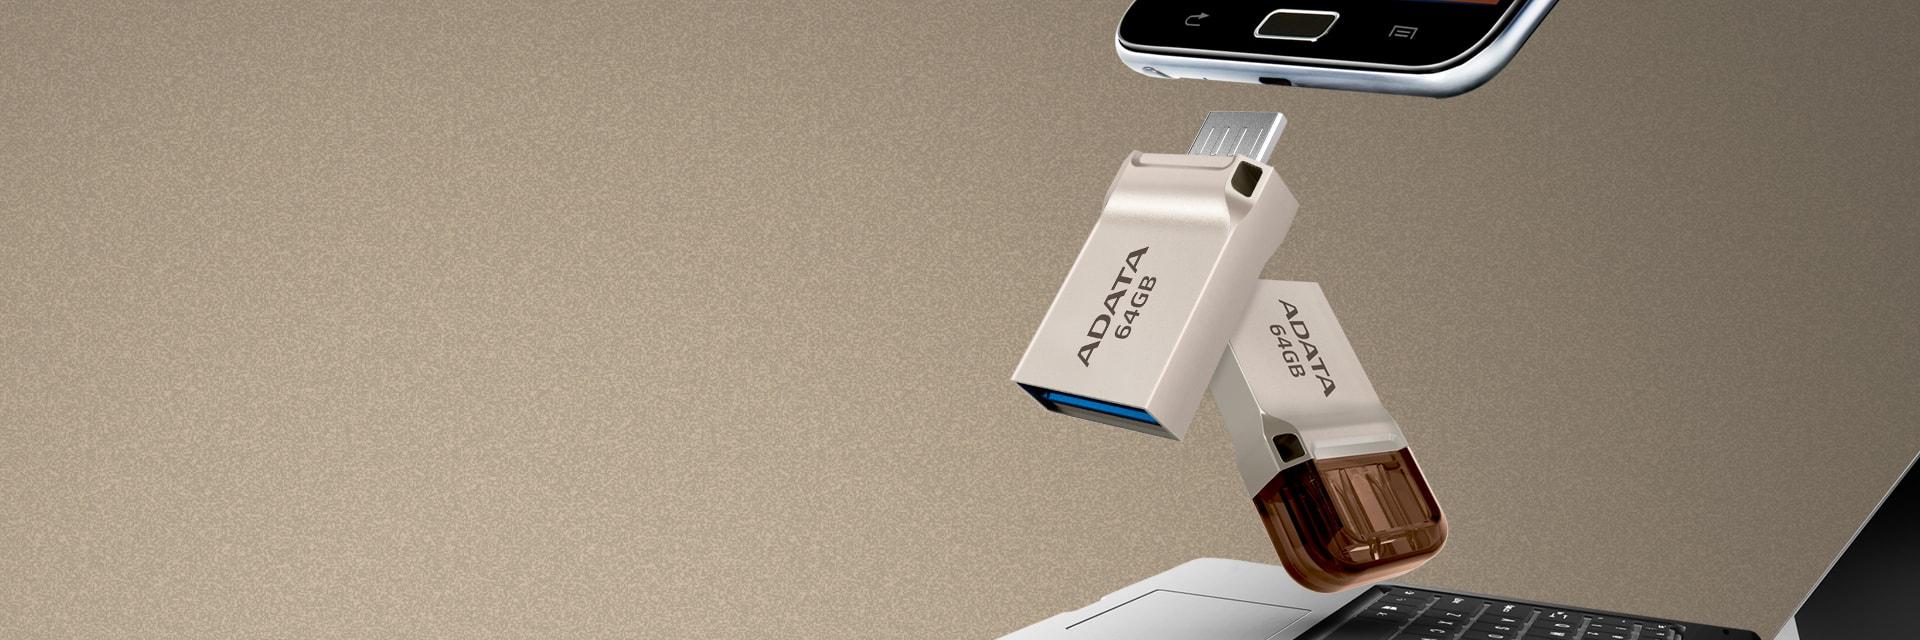 فلش مموری همهکاره UC360 ایدیتا